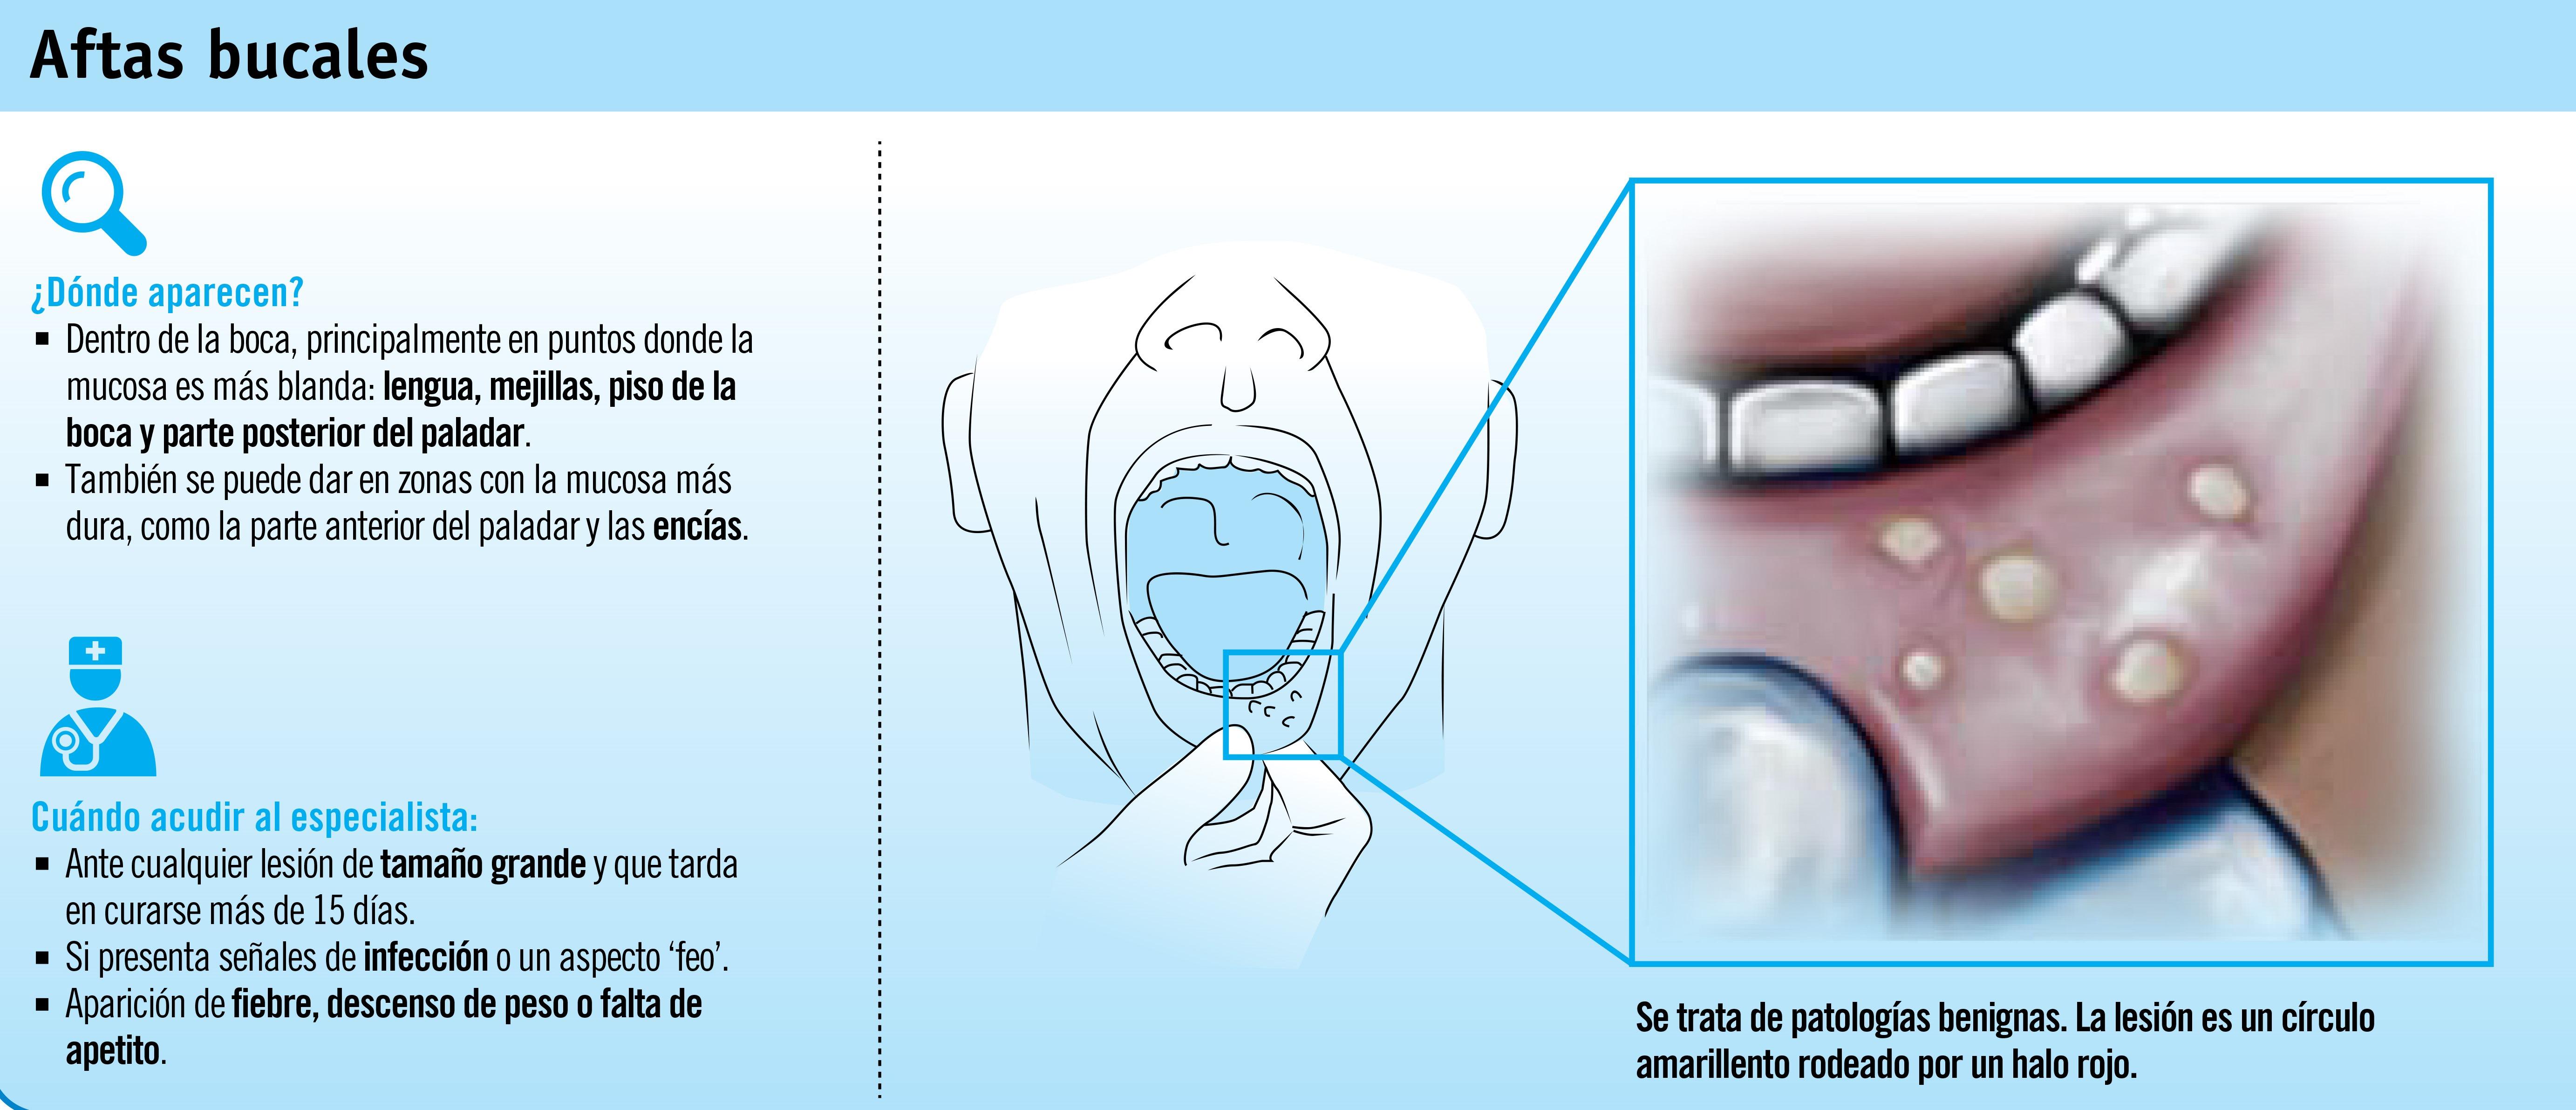 Aftas: las molestas úlceras de la boca